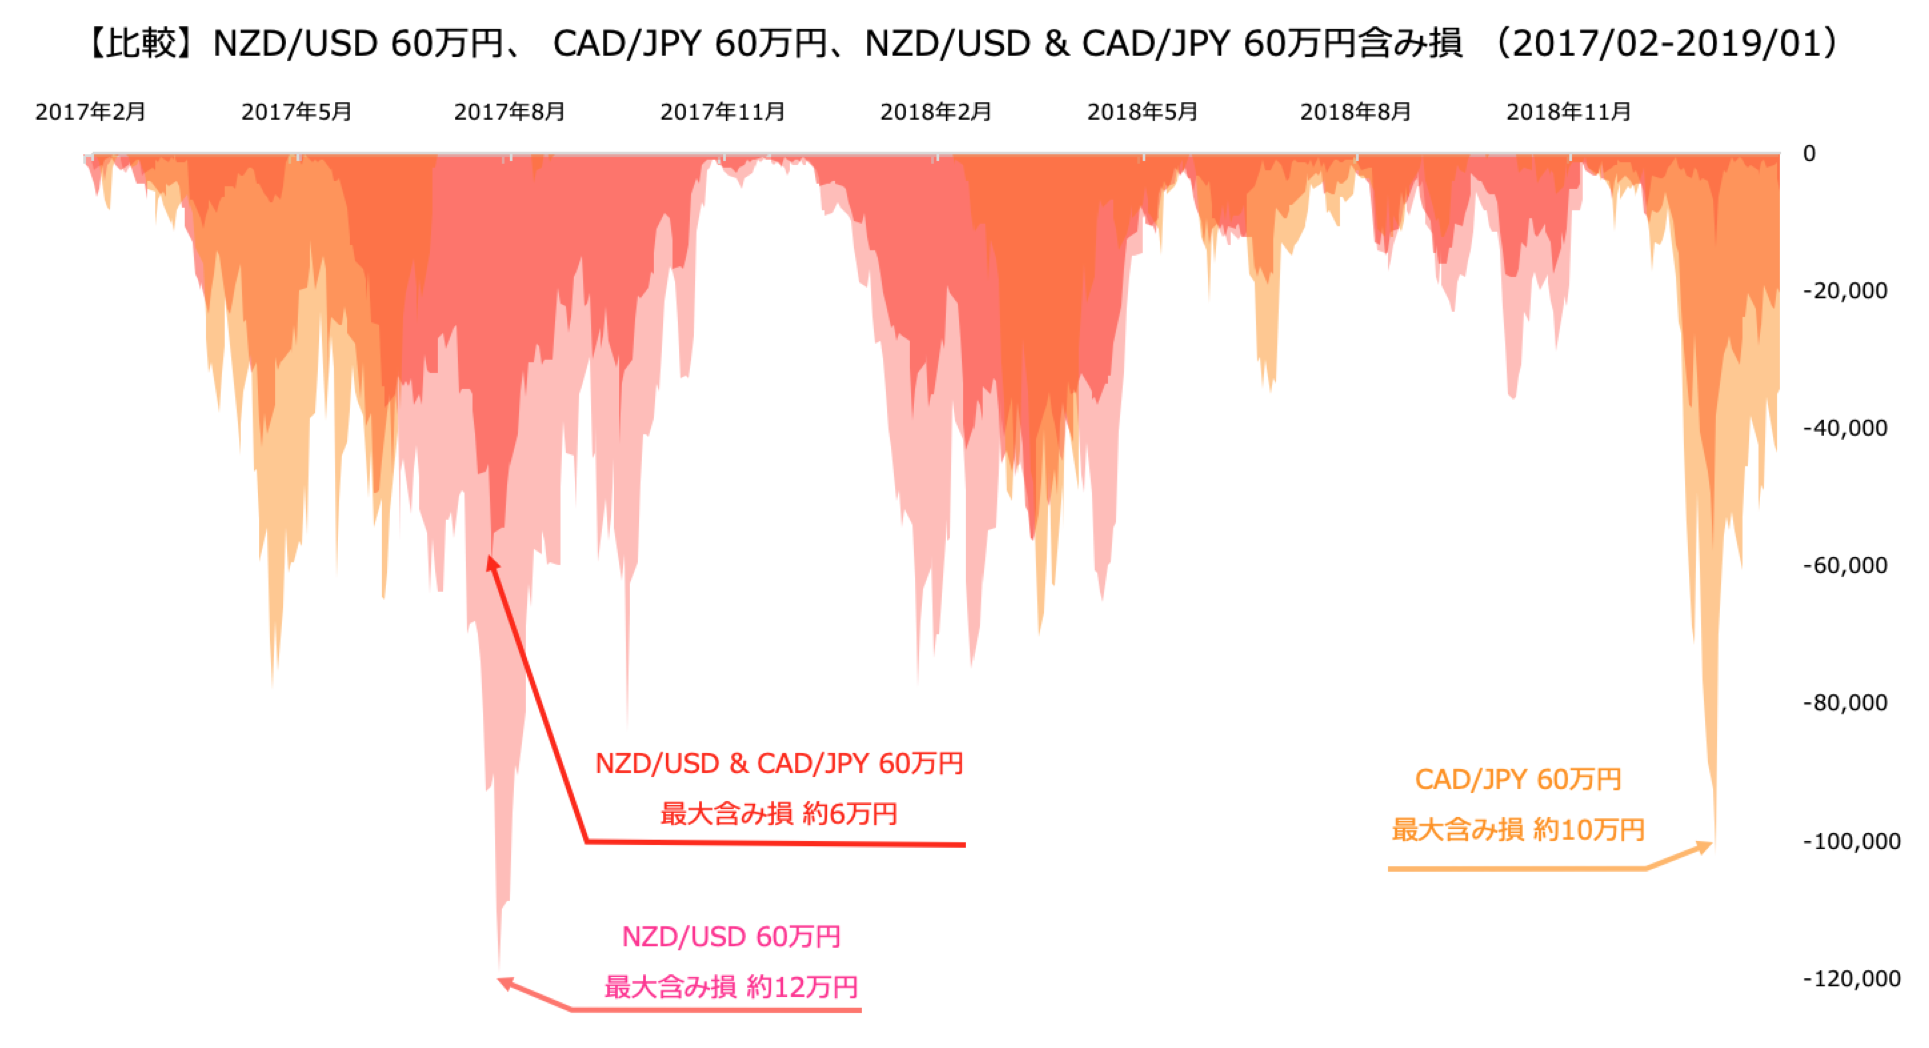 含み損の比較結果のグラフ